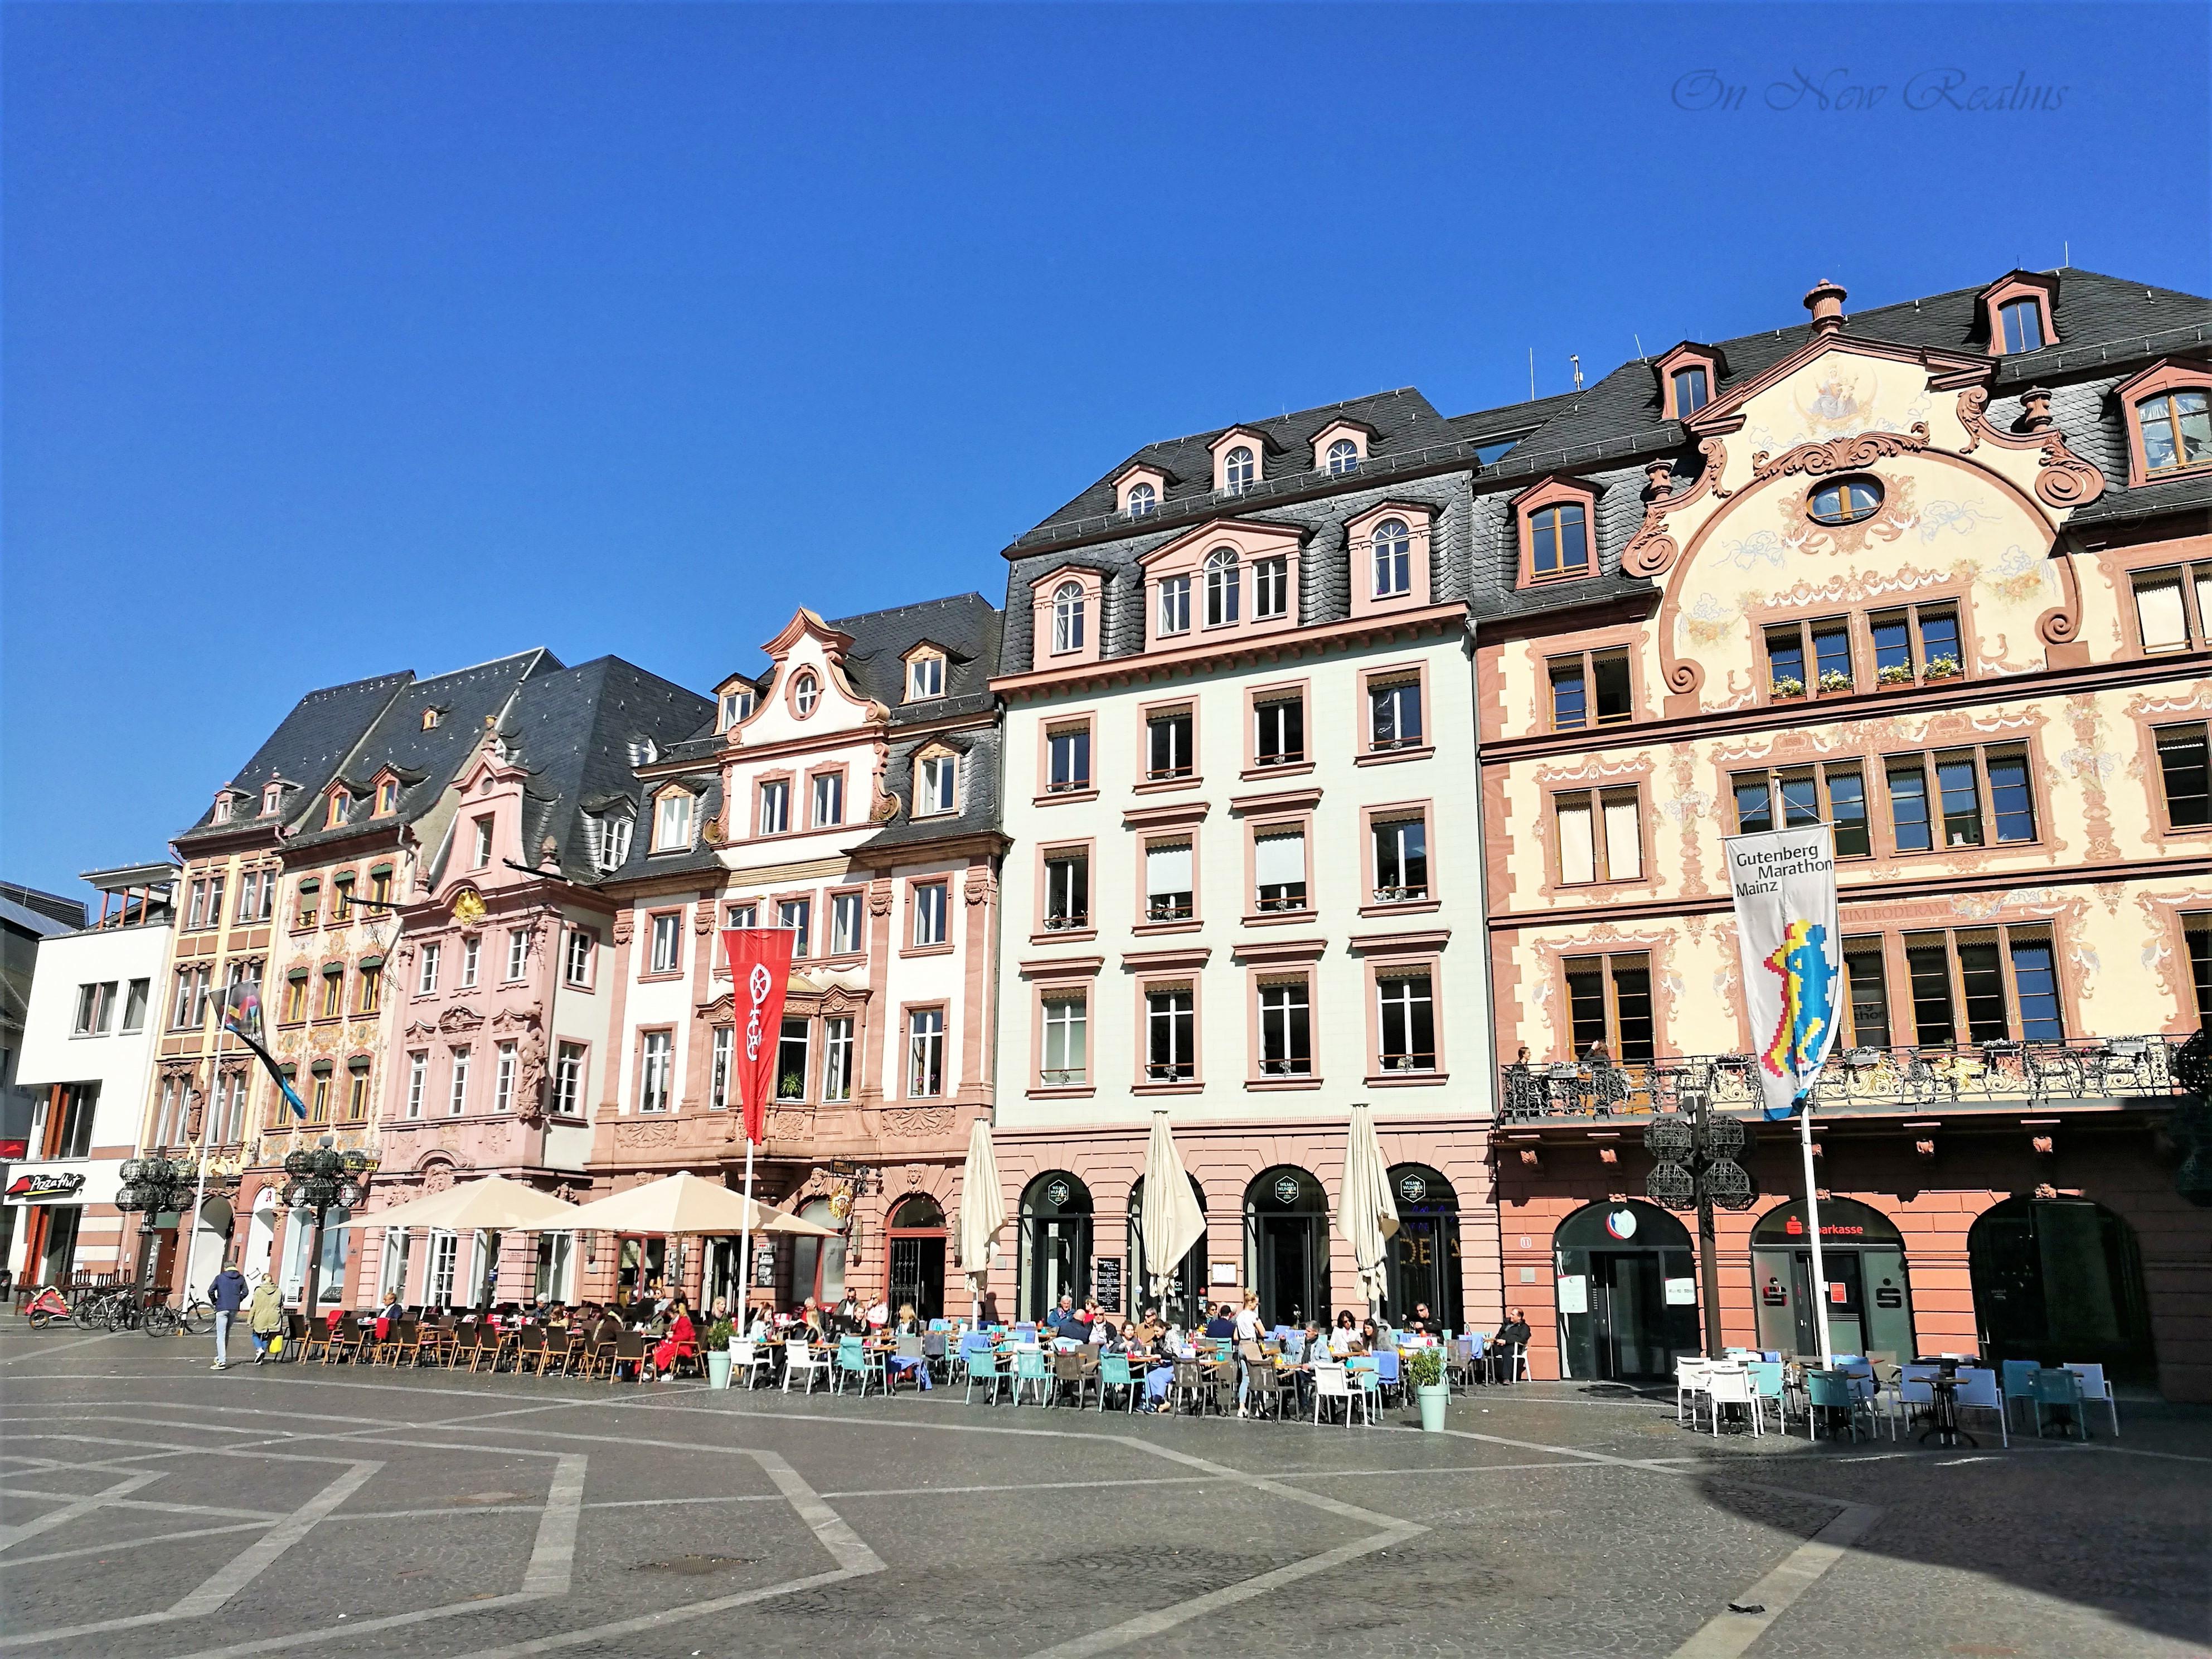 Markt-Mainz-Germany